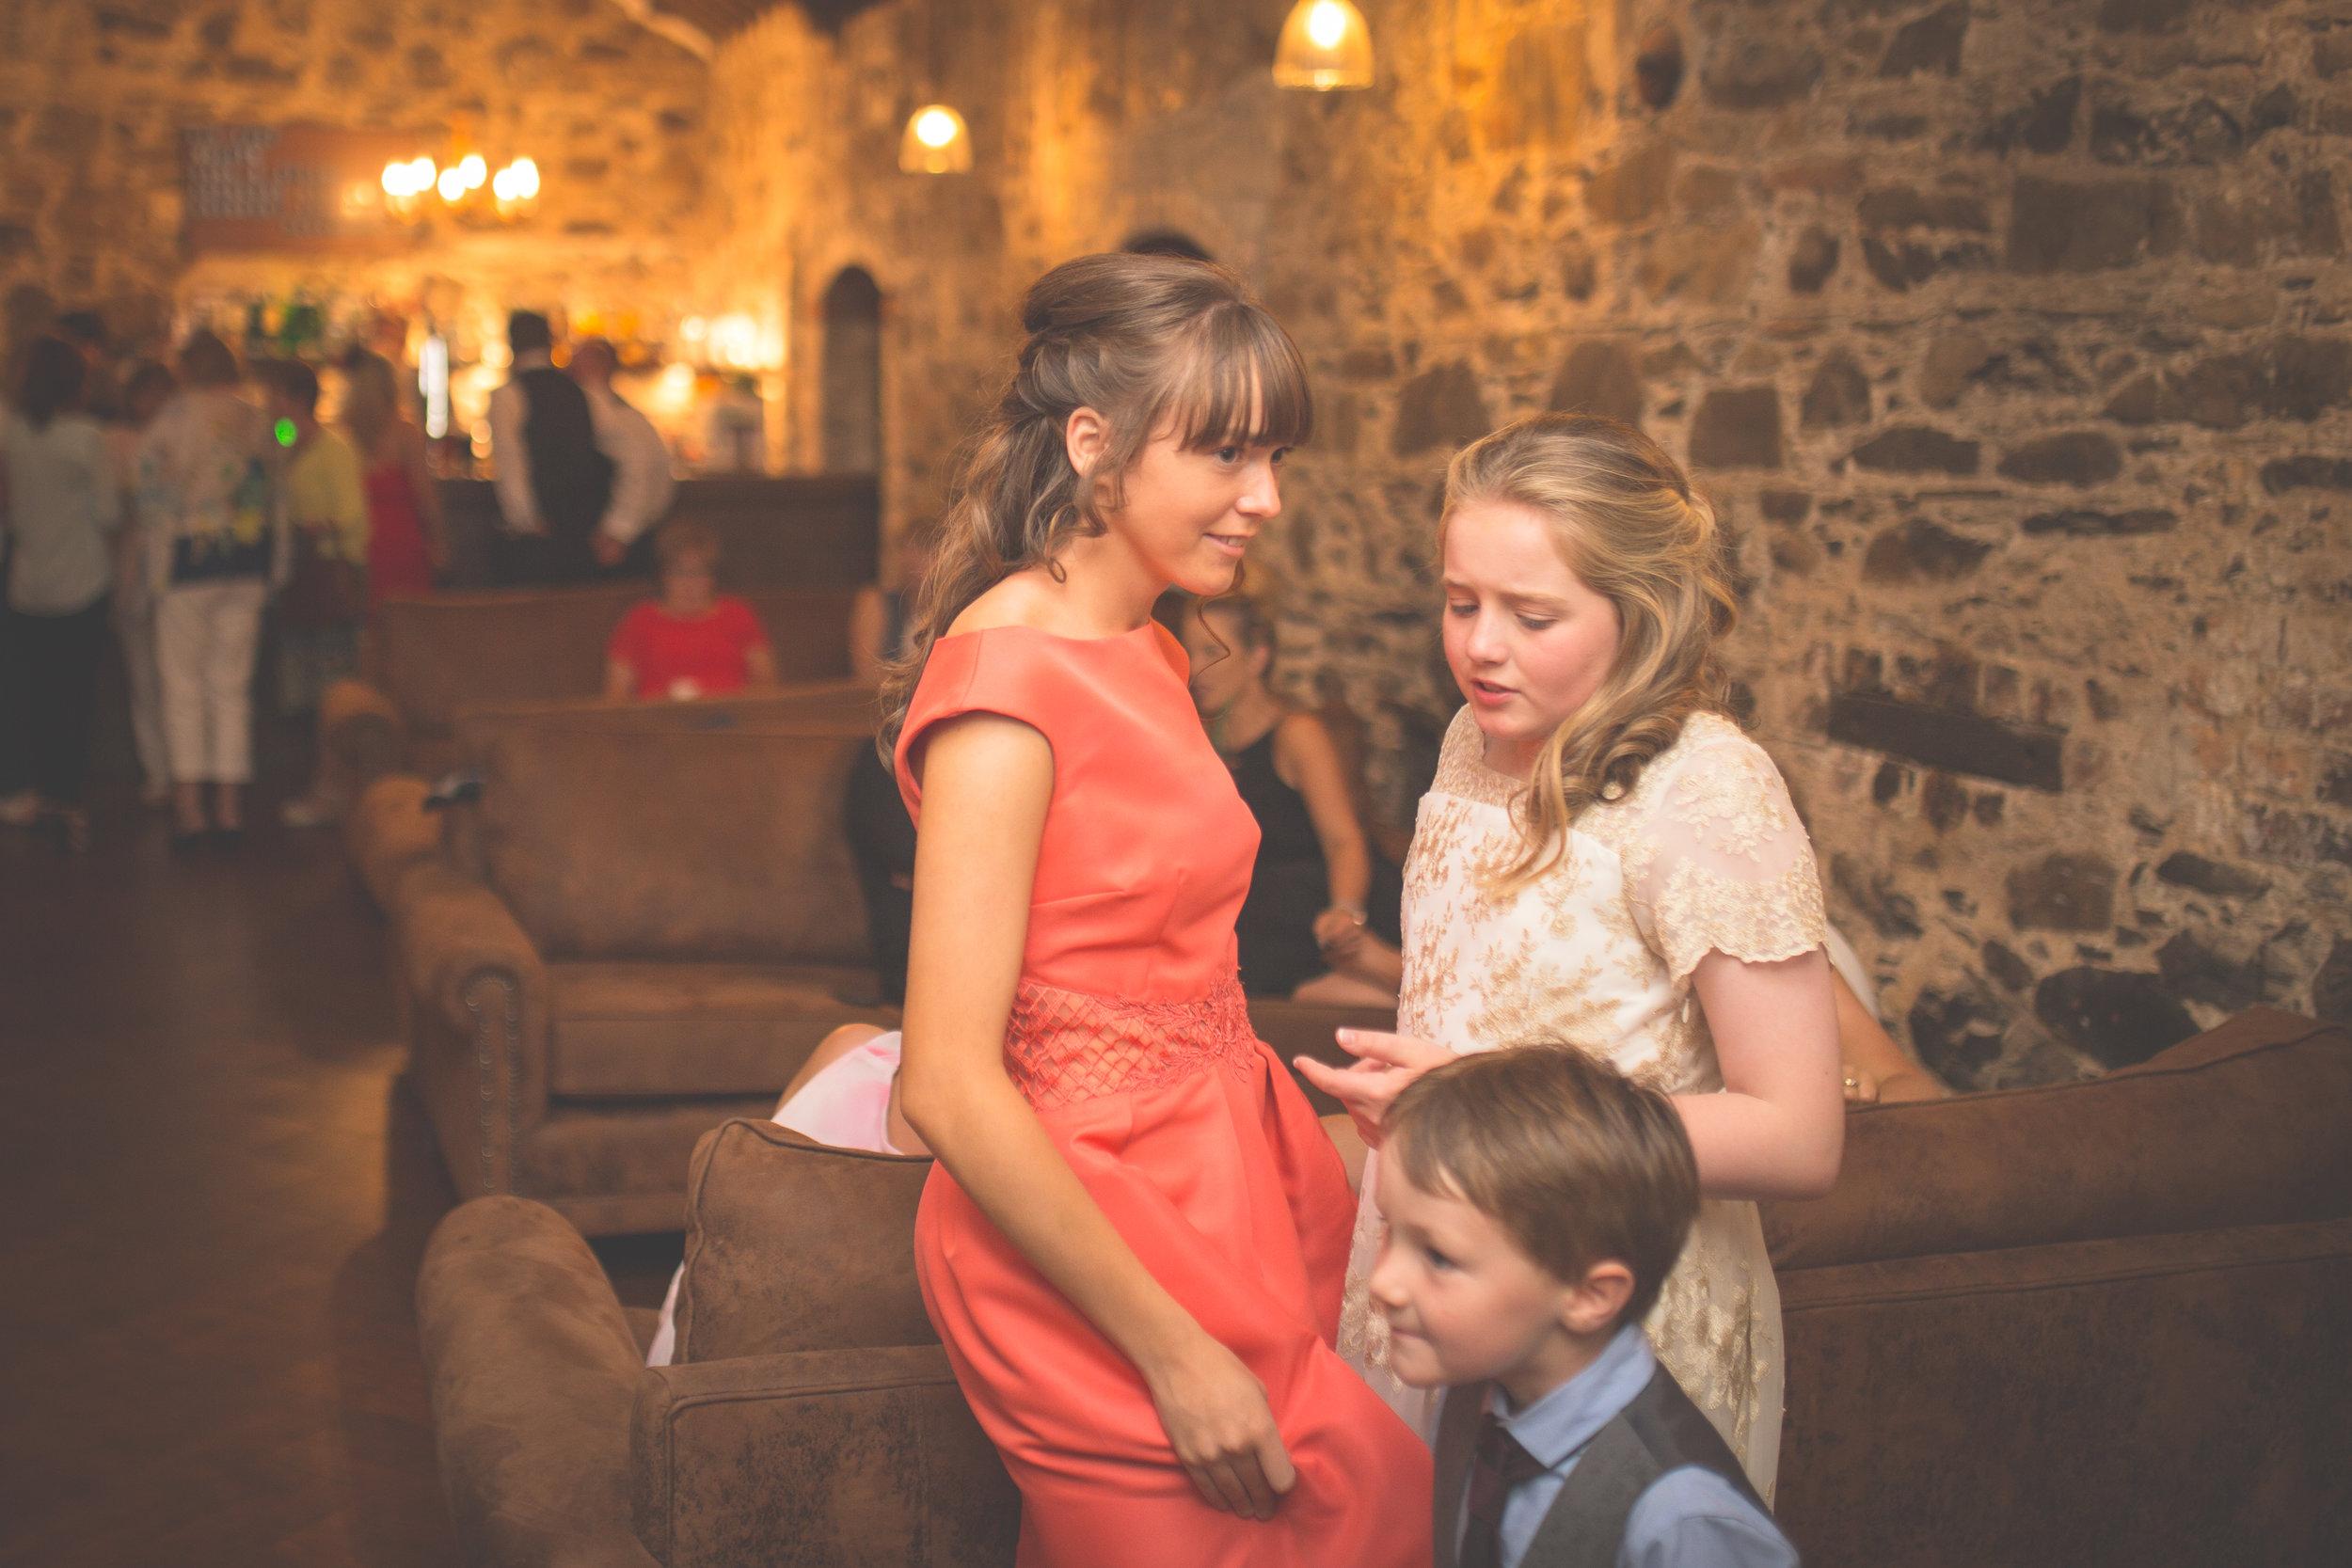 Brian McEwan Wedding Photography | Carol-Anne & Sean | The Speeches-134.jpg